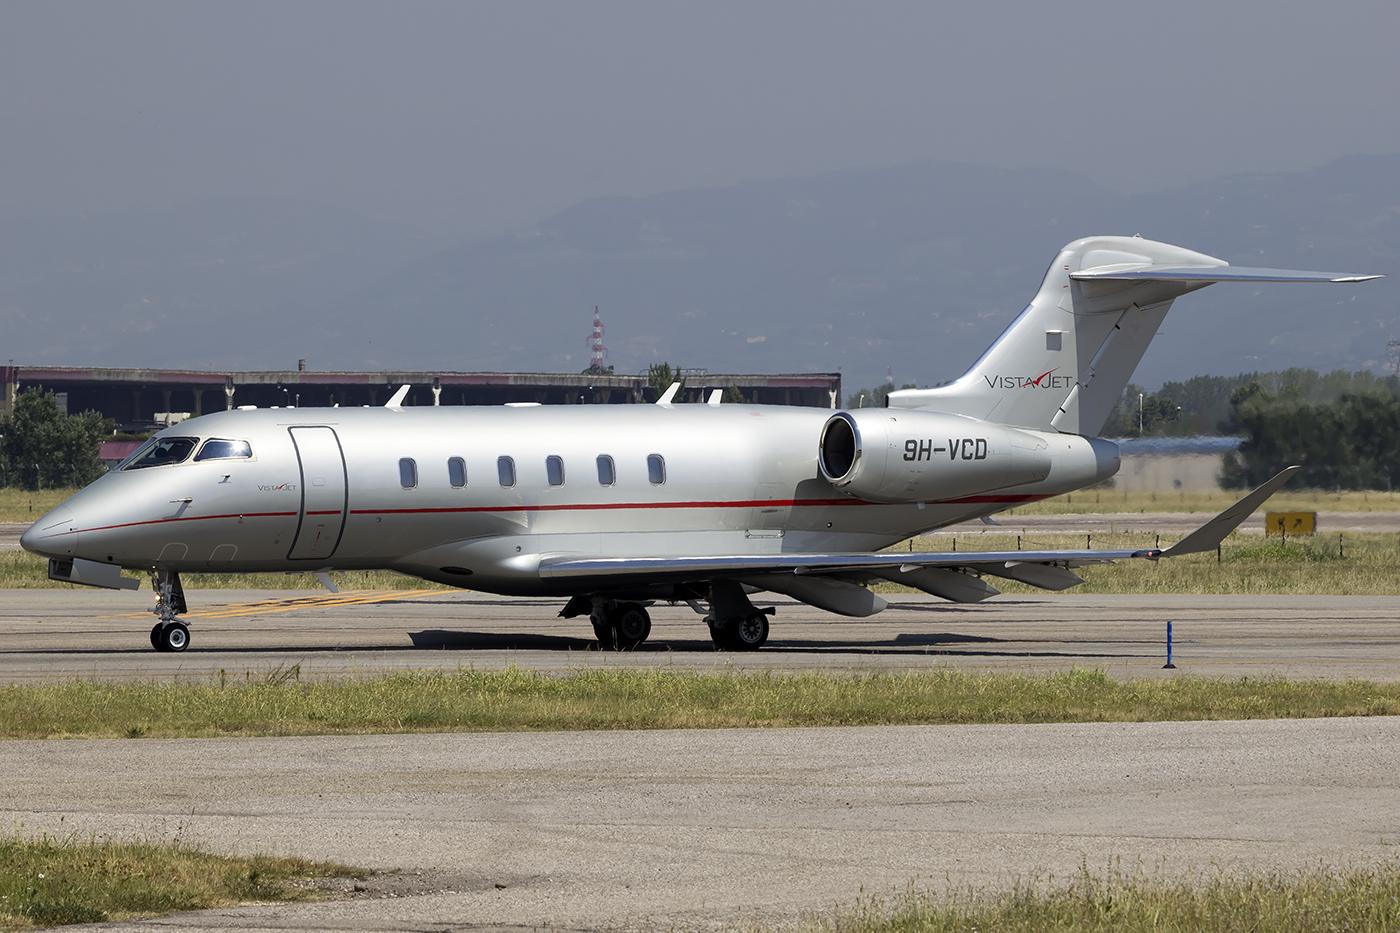 9H-VCD CL-350 20538 VistaJet Malta